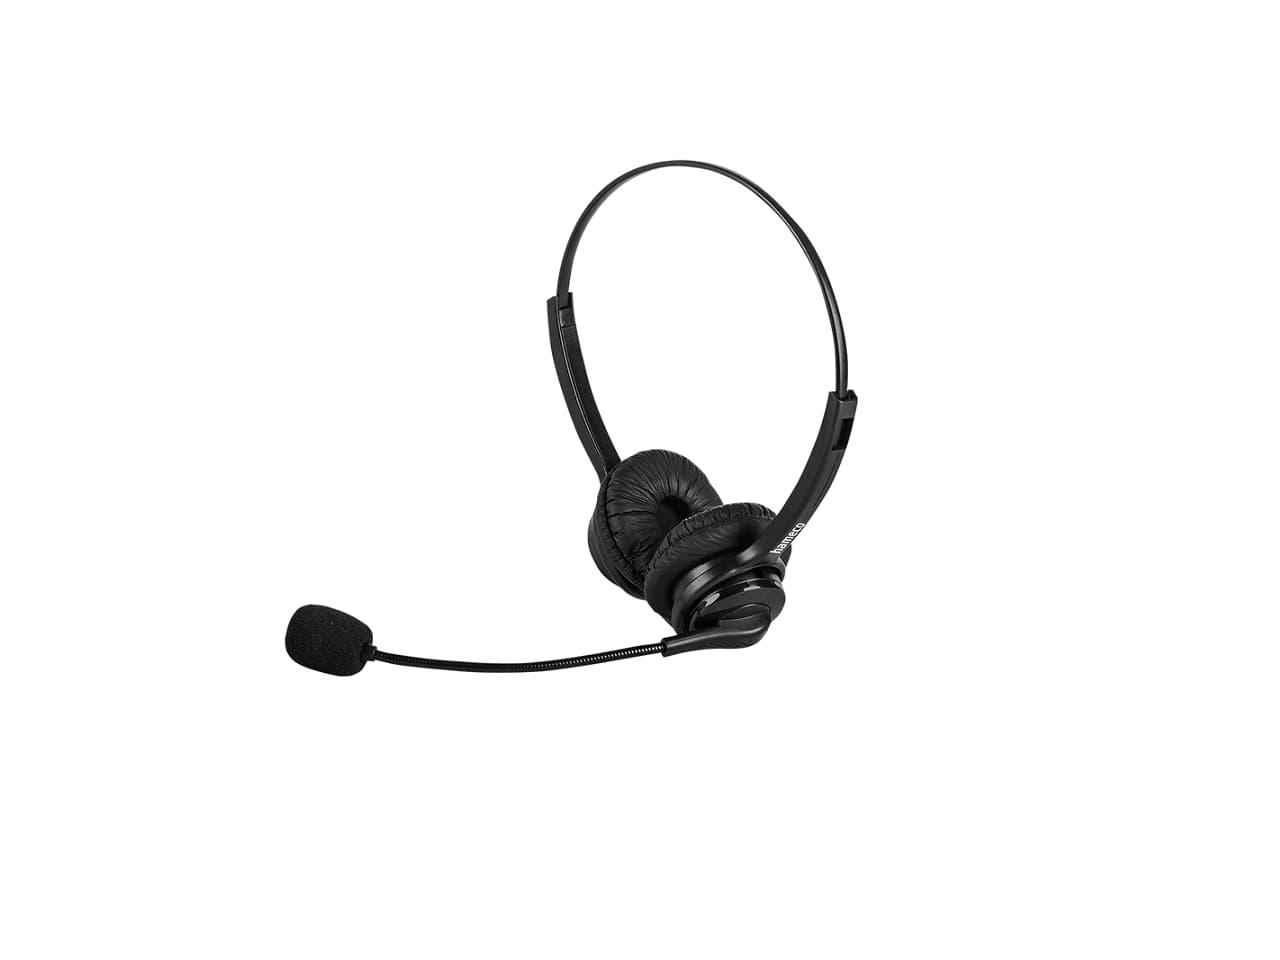 Hameco call center headset, fejhallgató, vezetékes fejhallgató mikrofonnal.